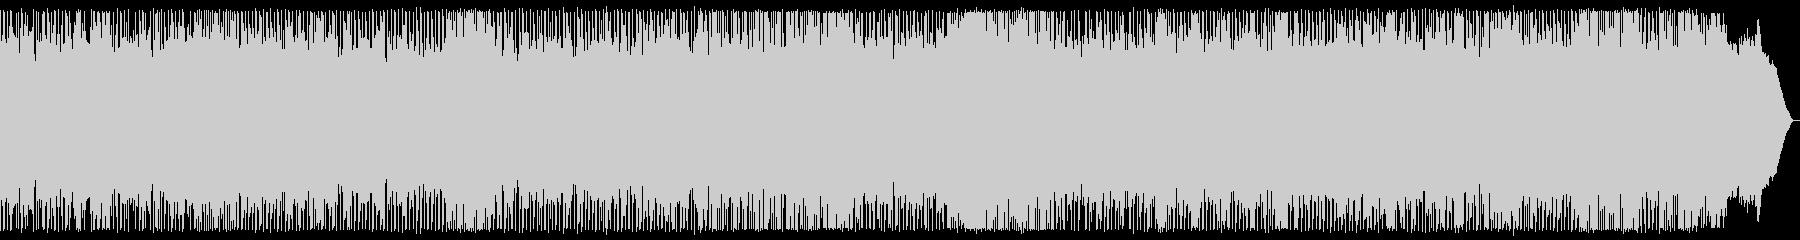 戦闘シーン向け リズム主体メタルBGMの未再生の波形